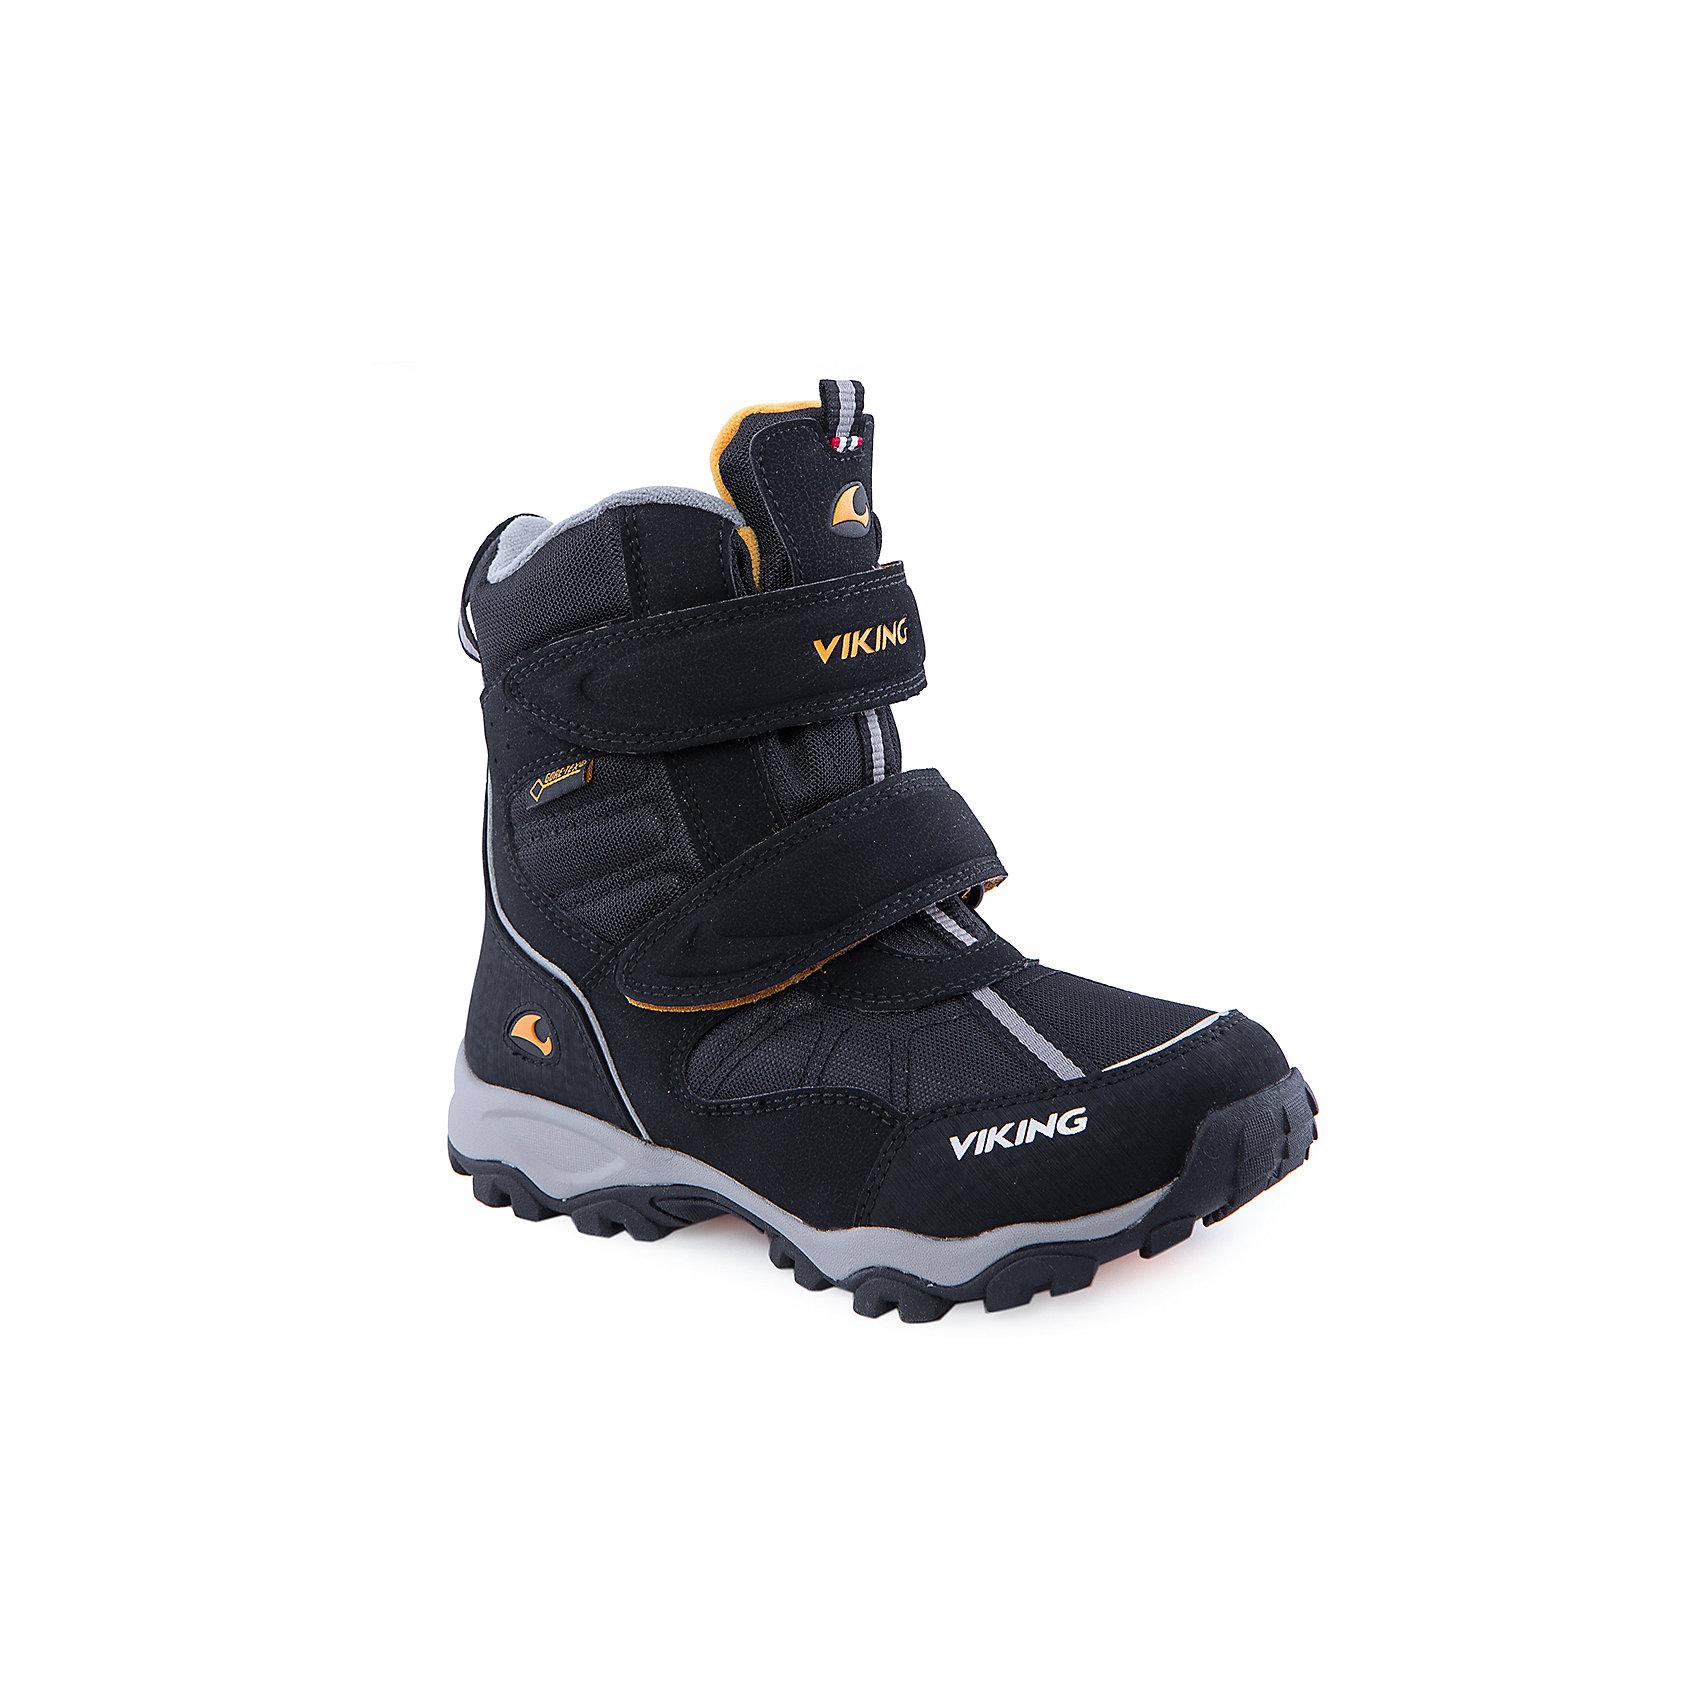 Ботинки для мальчика VIKINGПрекрасные зимние ботинки марки Viking (Викинг) созданы из натуральных материалов. Чёрный цвет. Тёплая подкладка из текстиля с мембраной. Подошва на резине. В таких ботинках точно не стоит ничего бояться: ни холода, ни гололёда, ни снега. Модель оснащена застёжкой в виде липучки для большего удобства.<br><br>Состав:<br><br>Материал верха: 60% натуральная замша / 40% текстиль (100% полиэстер)<br><br>Материал подкладки: мембранная подкладка GORE-TEX (80% полиэстер, 20% натуральная шерсть)<br><br>Материал подошвы: натуральная резина<br><br>Ширина мм: 262<br>Глубина мм: 176<br>Высота мм: 97<br>Вес г: 427<br>Цвет: черный<br>Возраст от месяцев: 72<br>Возраст до месяцев: 84<br>Пол: Мужской<br>Возраст: Детский<br>Размер: 30,34,28,29,31,36,38,32,33,35,37,39,40<br>SKU: 4279048